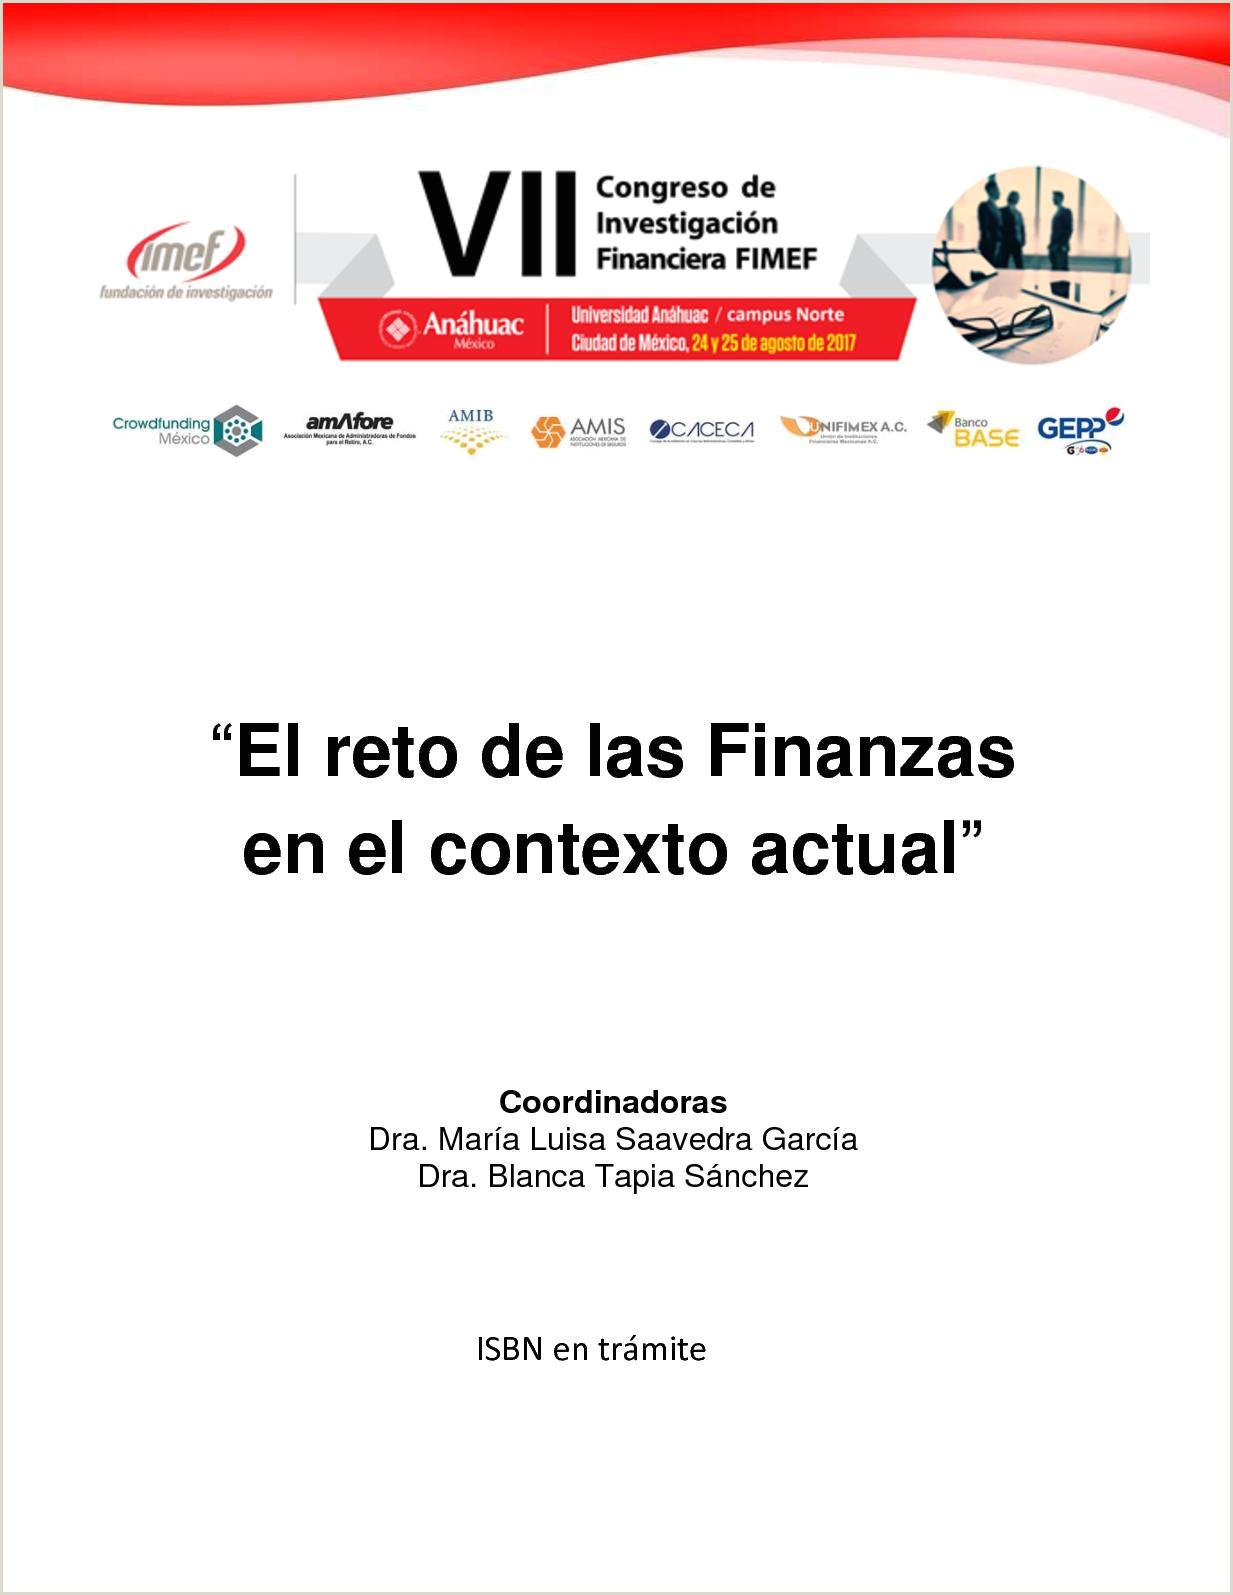 Formato Unico Hoja De Vida Sed Bogota Calaméo El Reto De Las Finanzas En El Contexto Actual